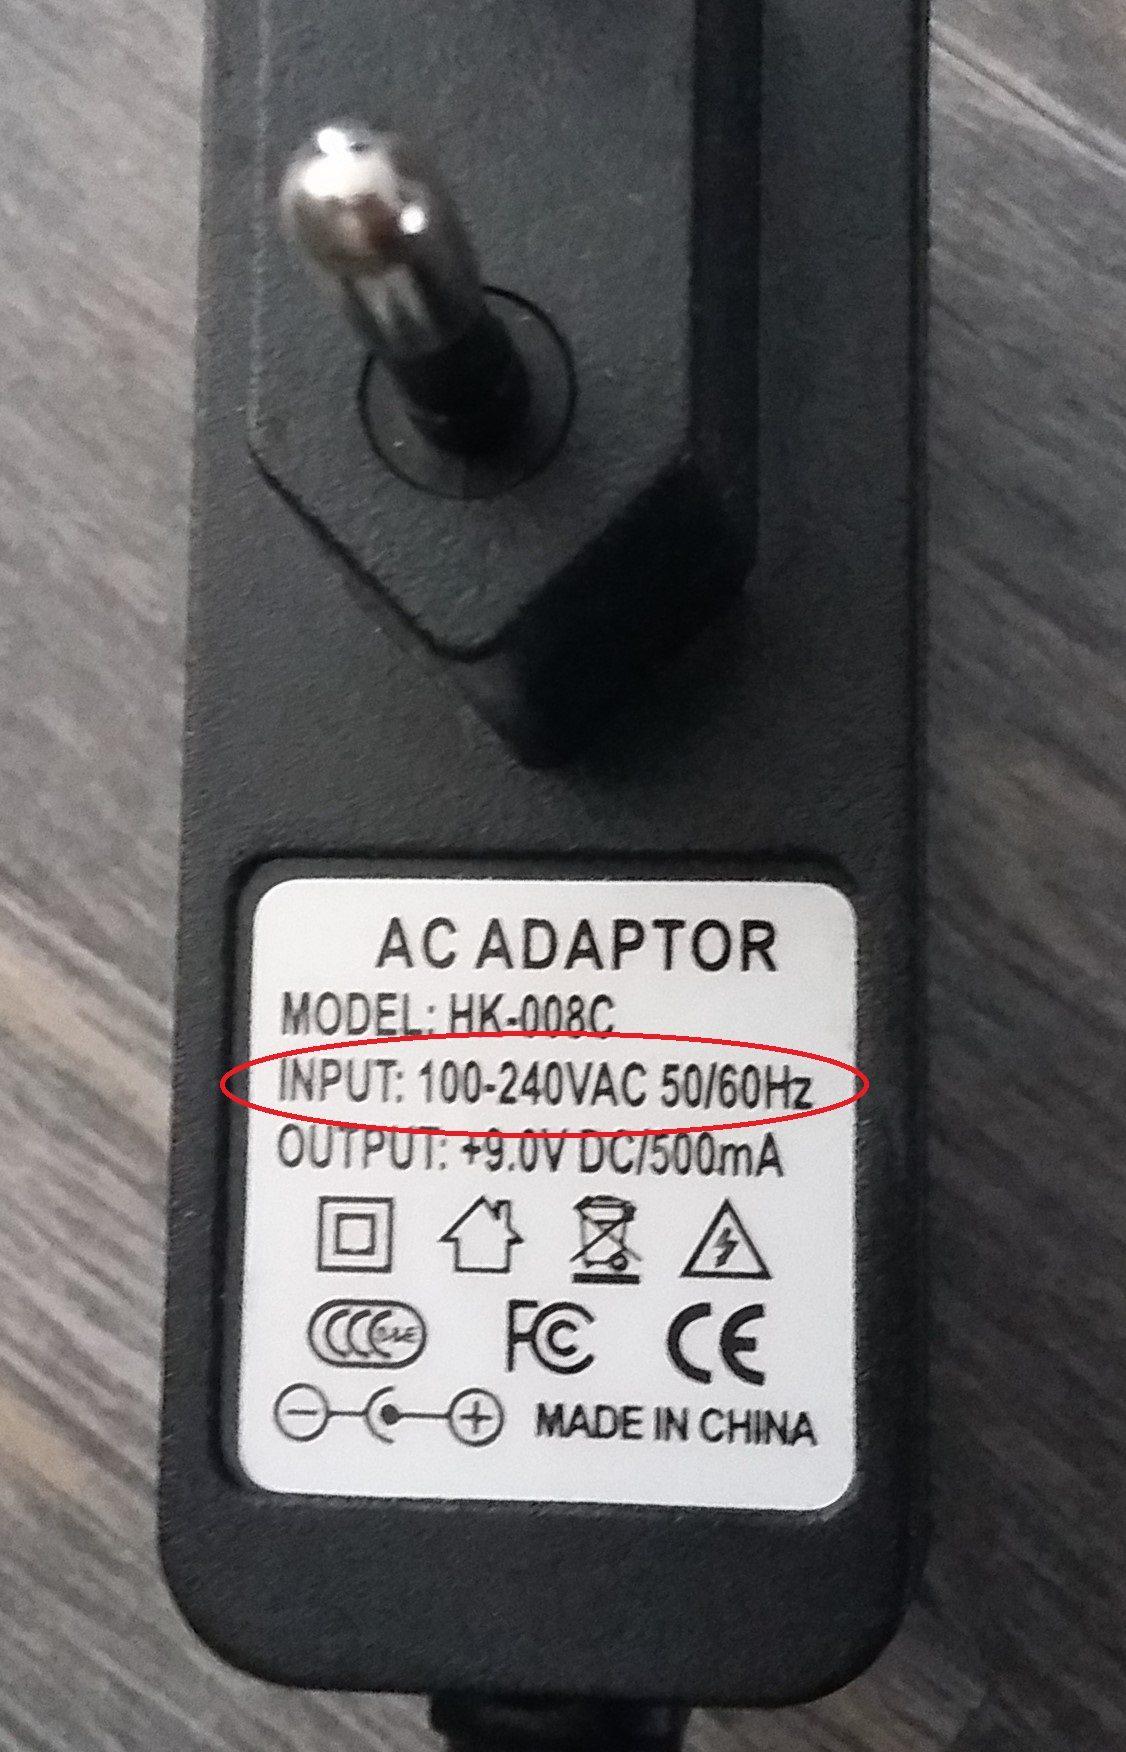 Steckeraufschrift auf einem Elektrogerät